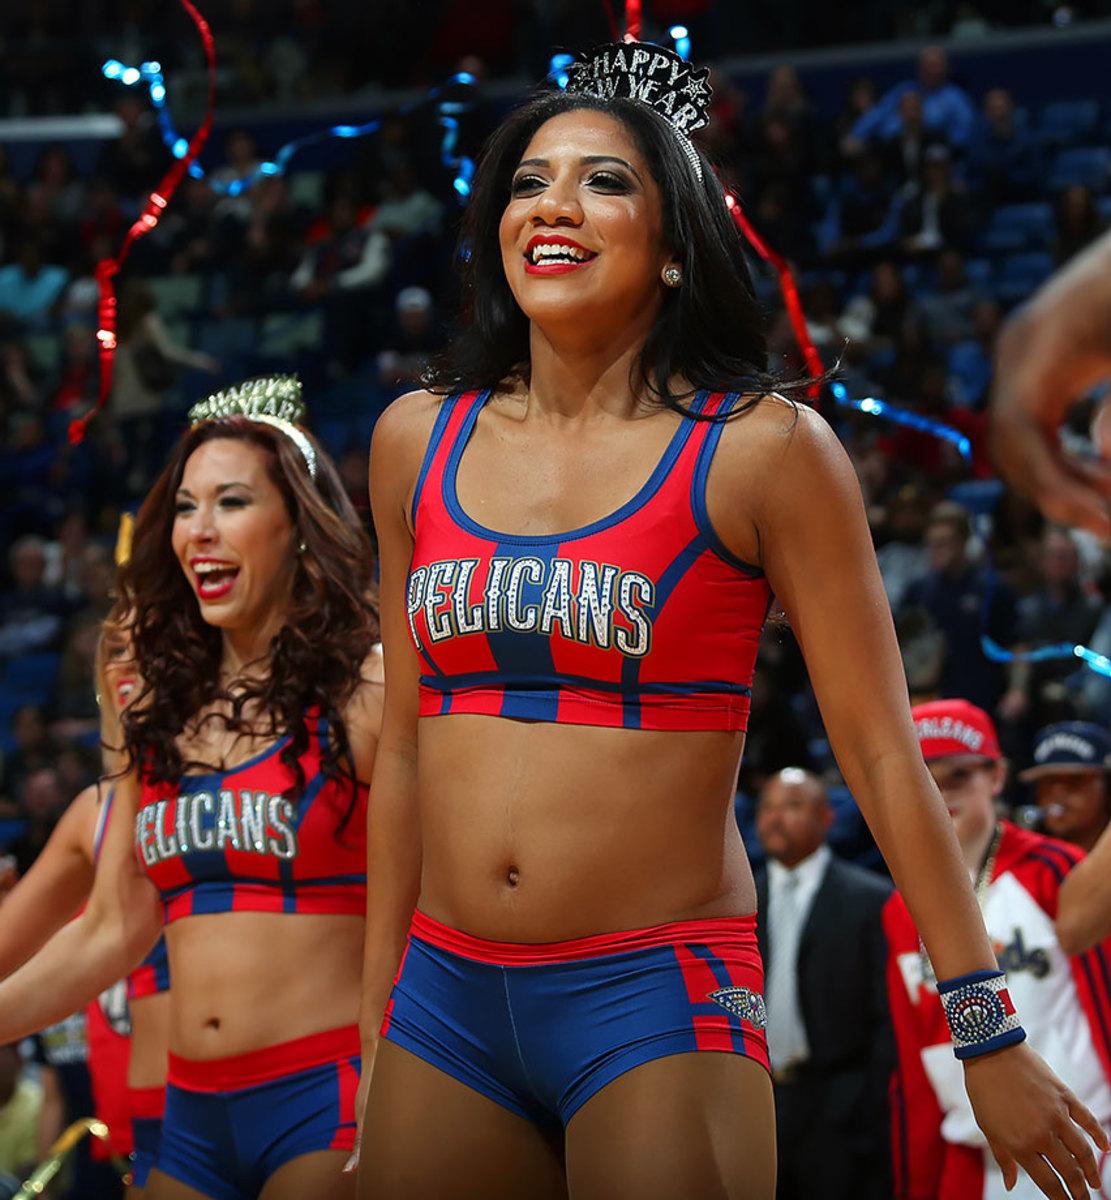 New-Orleans-Pelicans-Dancers-503039930.jpg